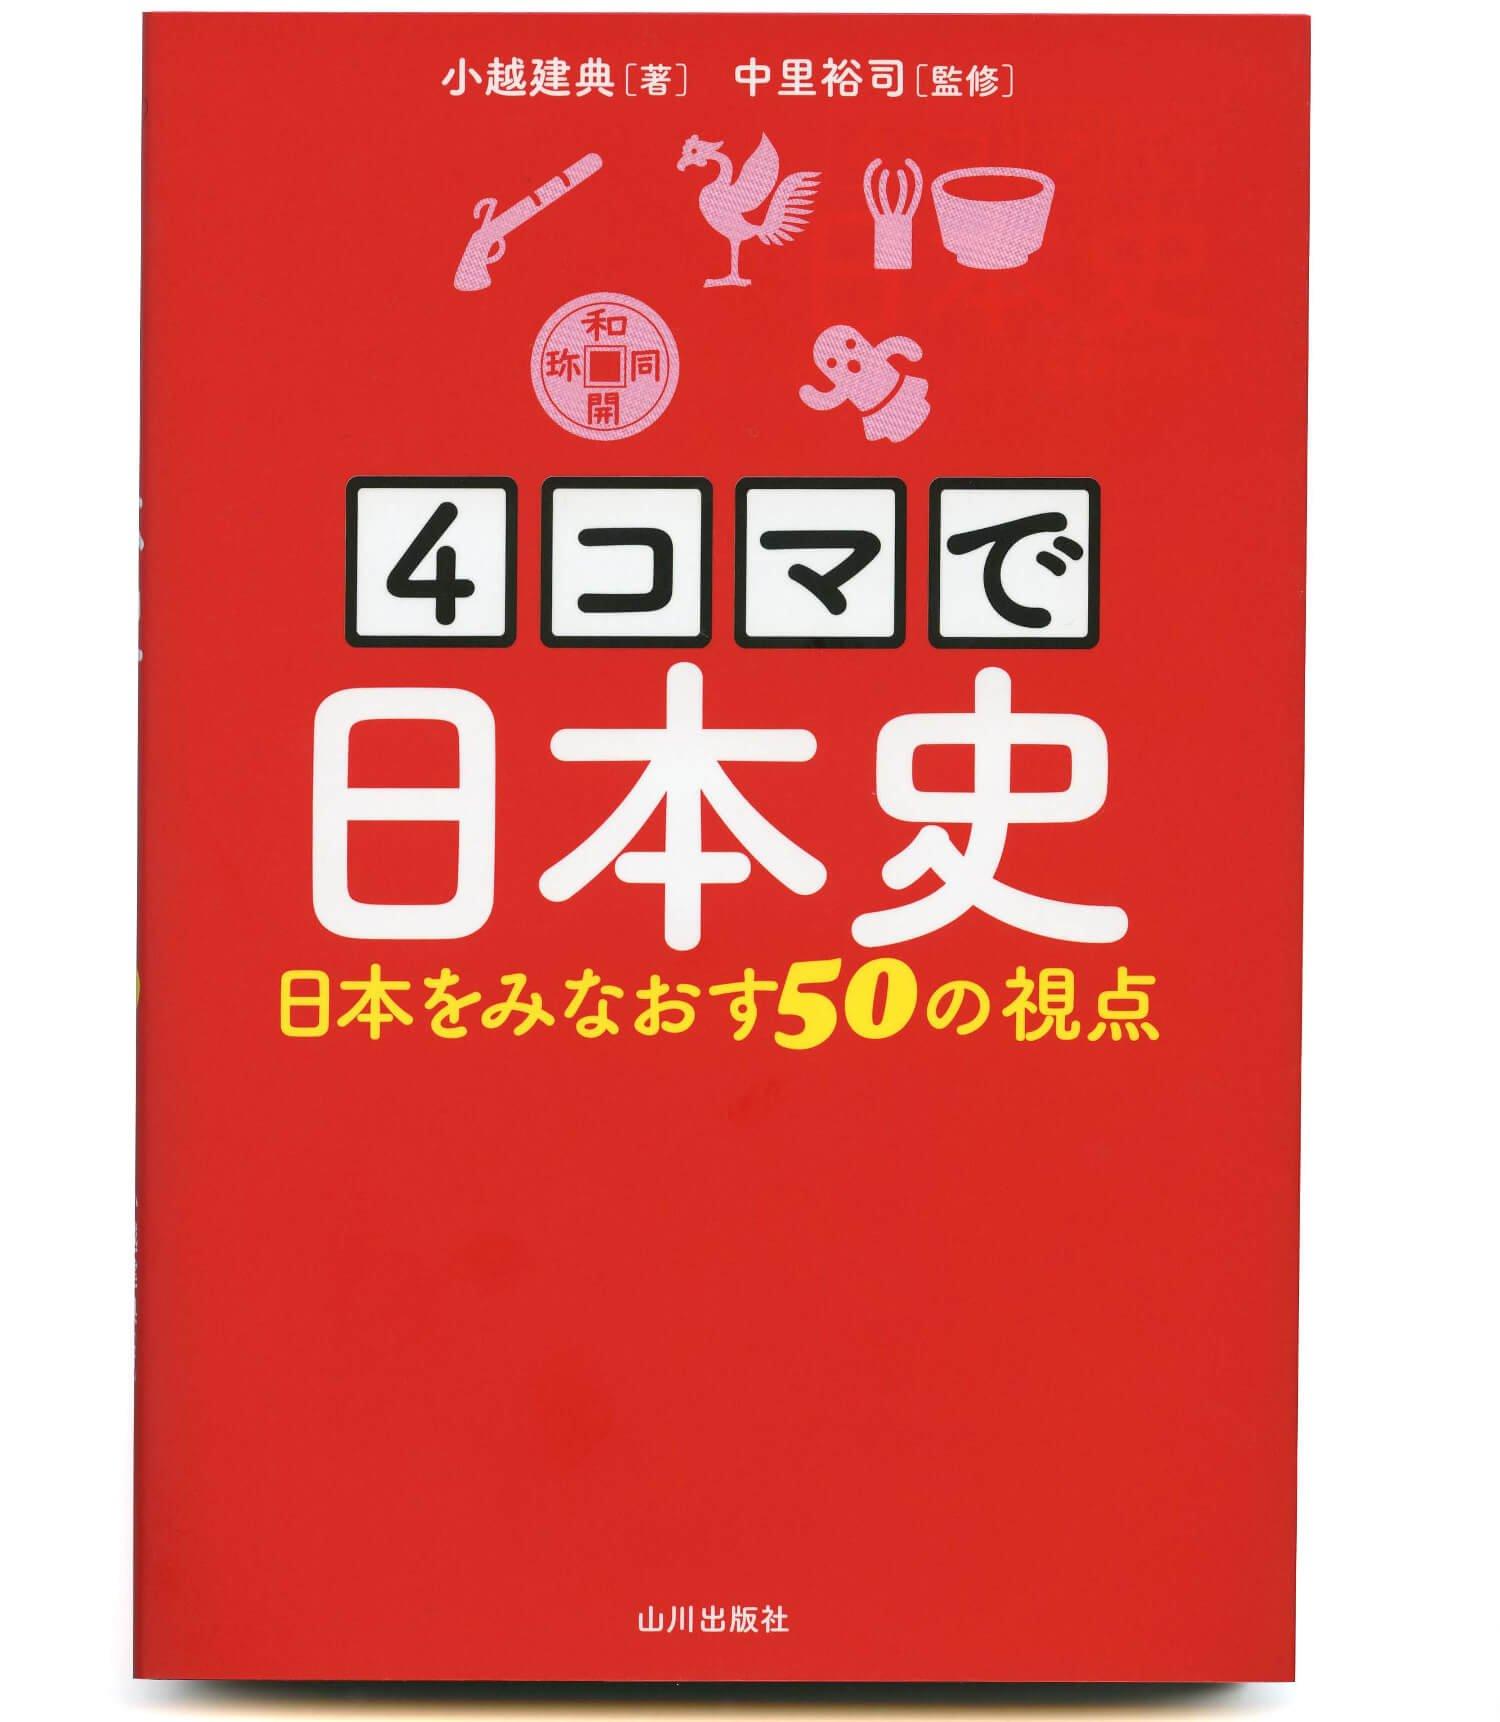 小越建典 著 中里裕司 監修/ 山川出版社/ 1600円+税